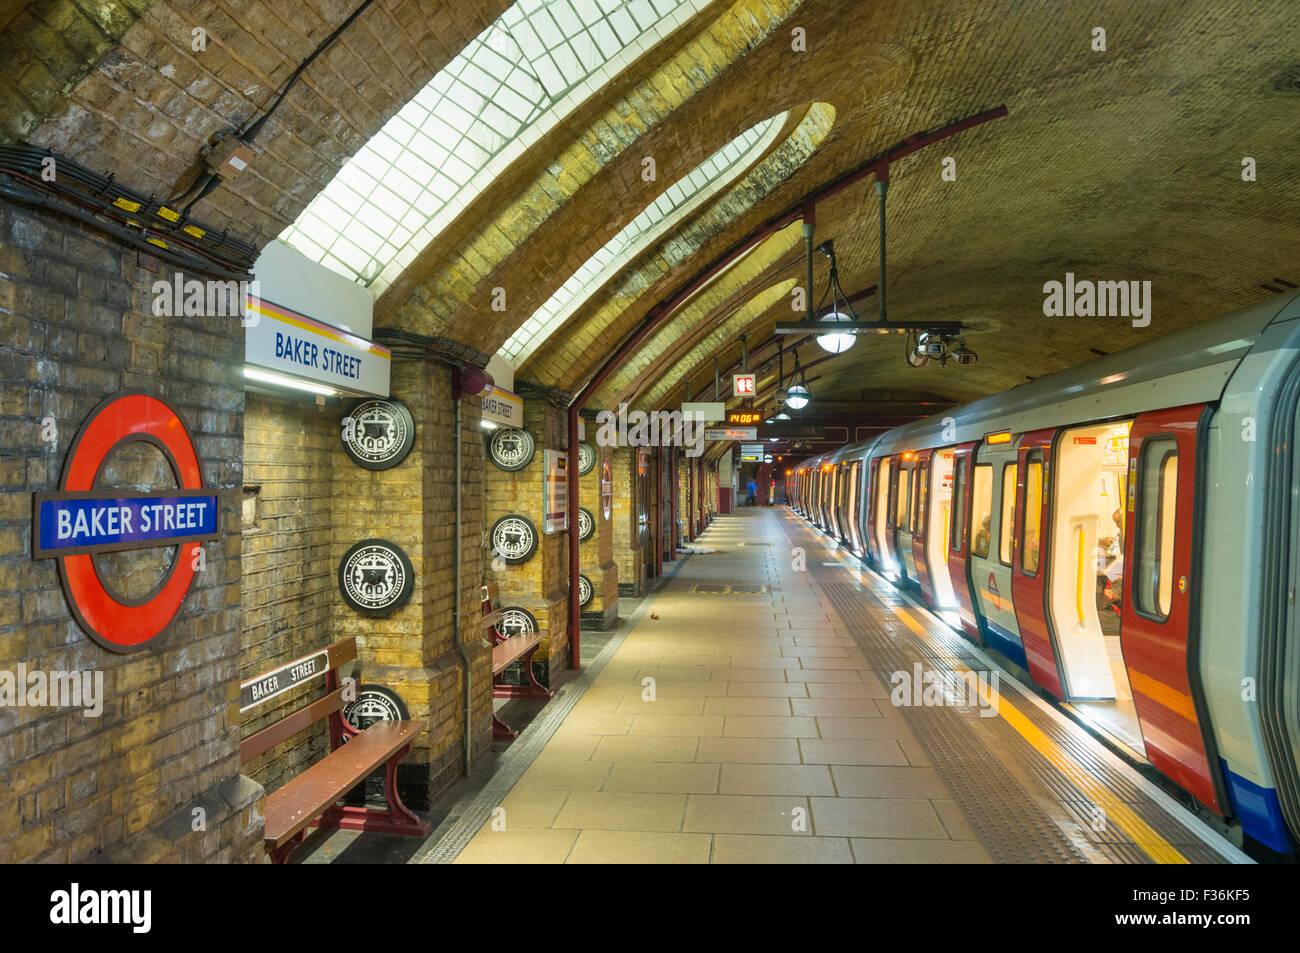 Viktorianische Architektur und Sichtmauerwerk bei Baker Street u-Bahnstation Plattform London England UK Gb EU Europa Stockbild